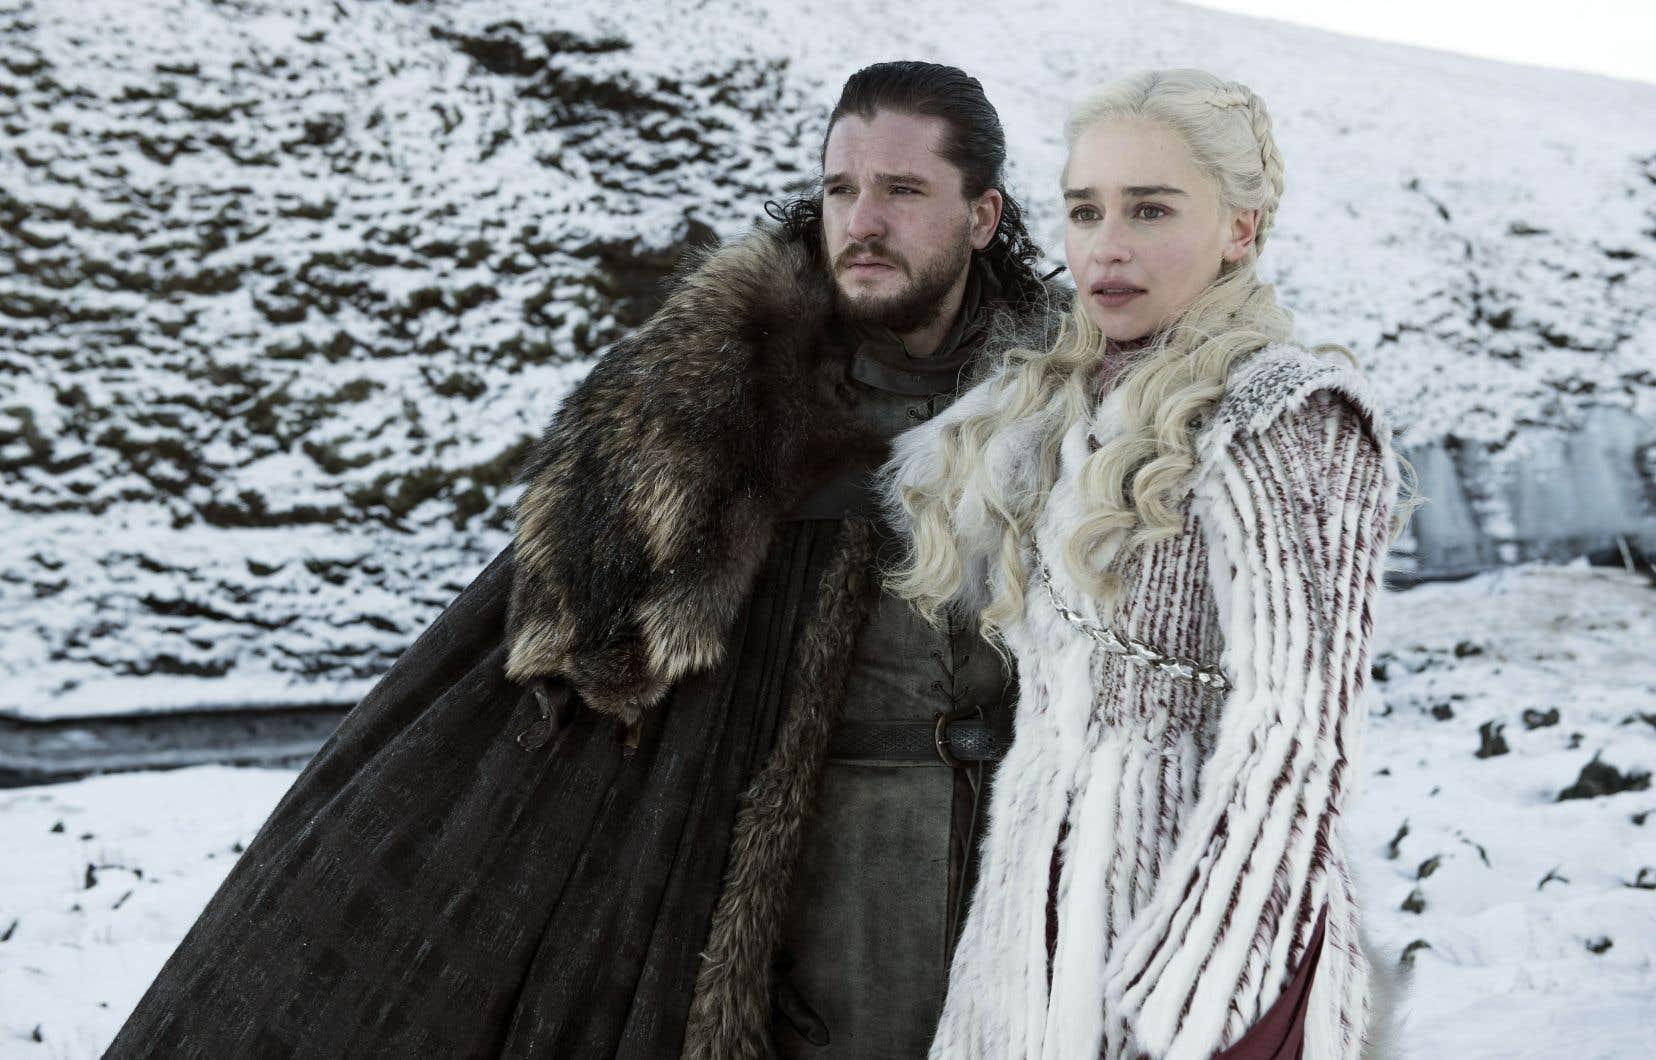 Le duo emblématique John Snow et Daenerys Targaryen dans la huitième et dernière saison